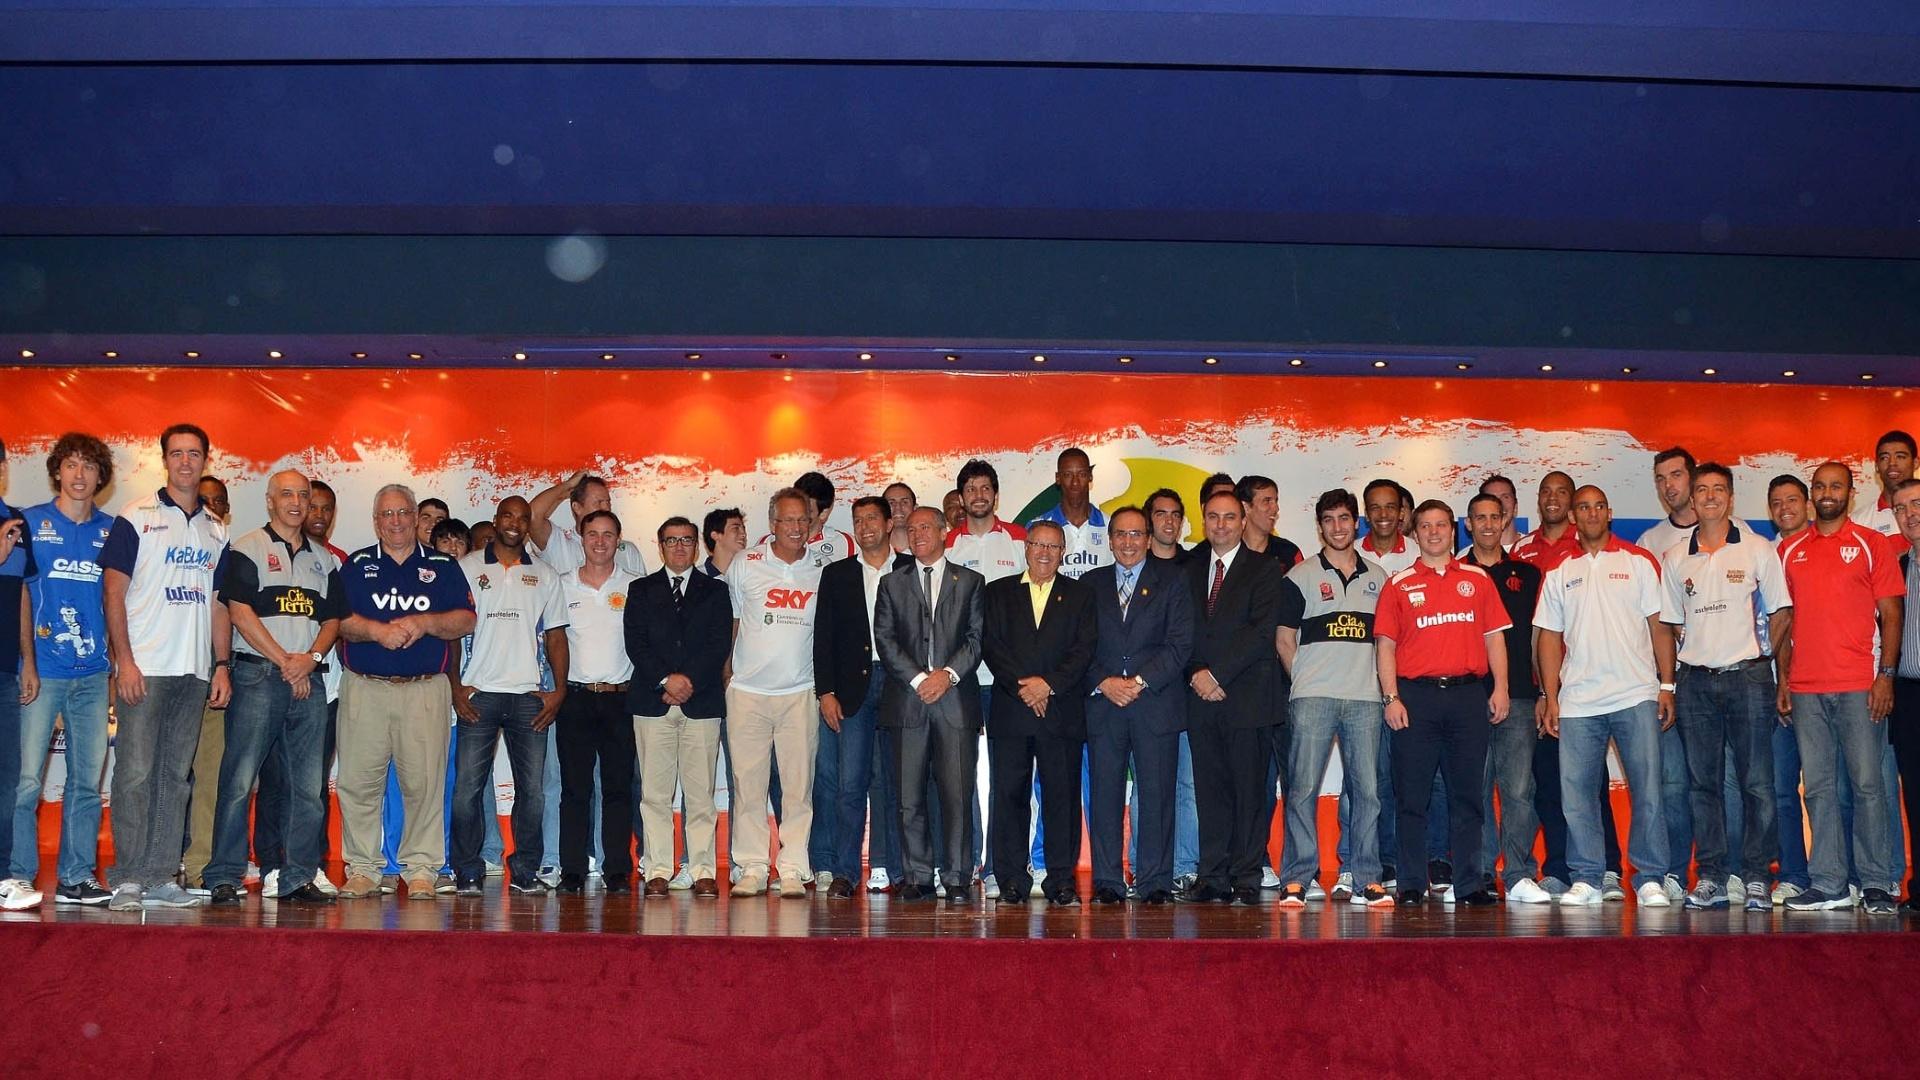 Técnicos, jogadores e personalidades do basquete marcam presença no lançamento da temporada 2012/2013 do NBB